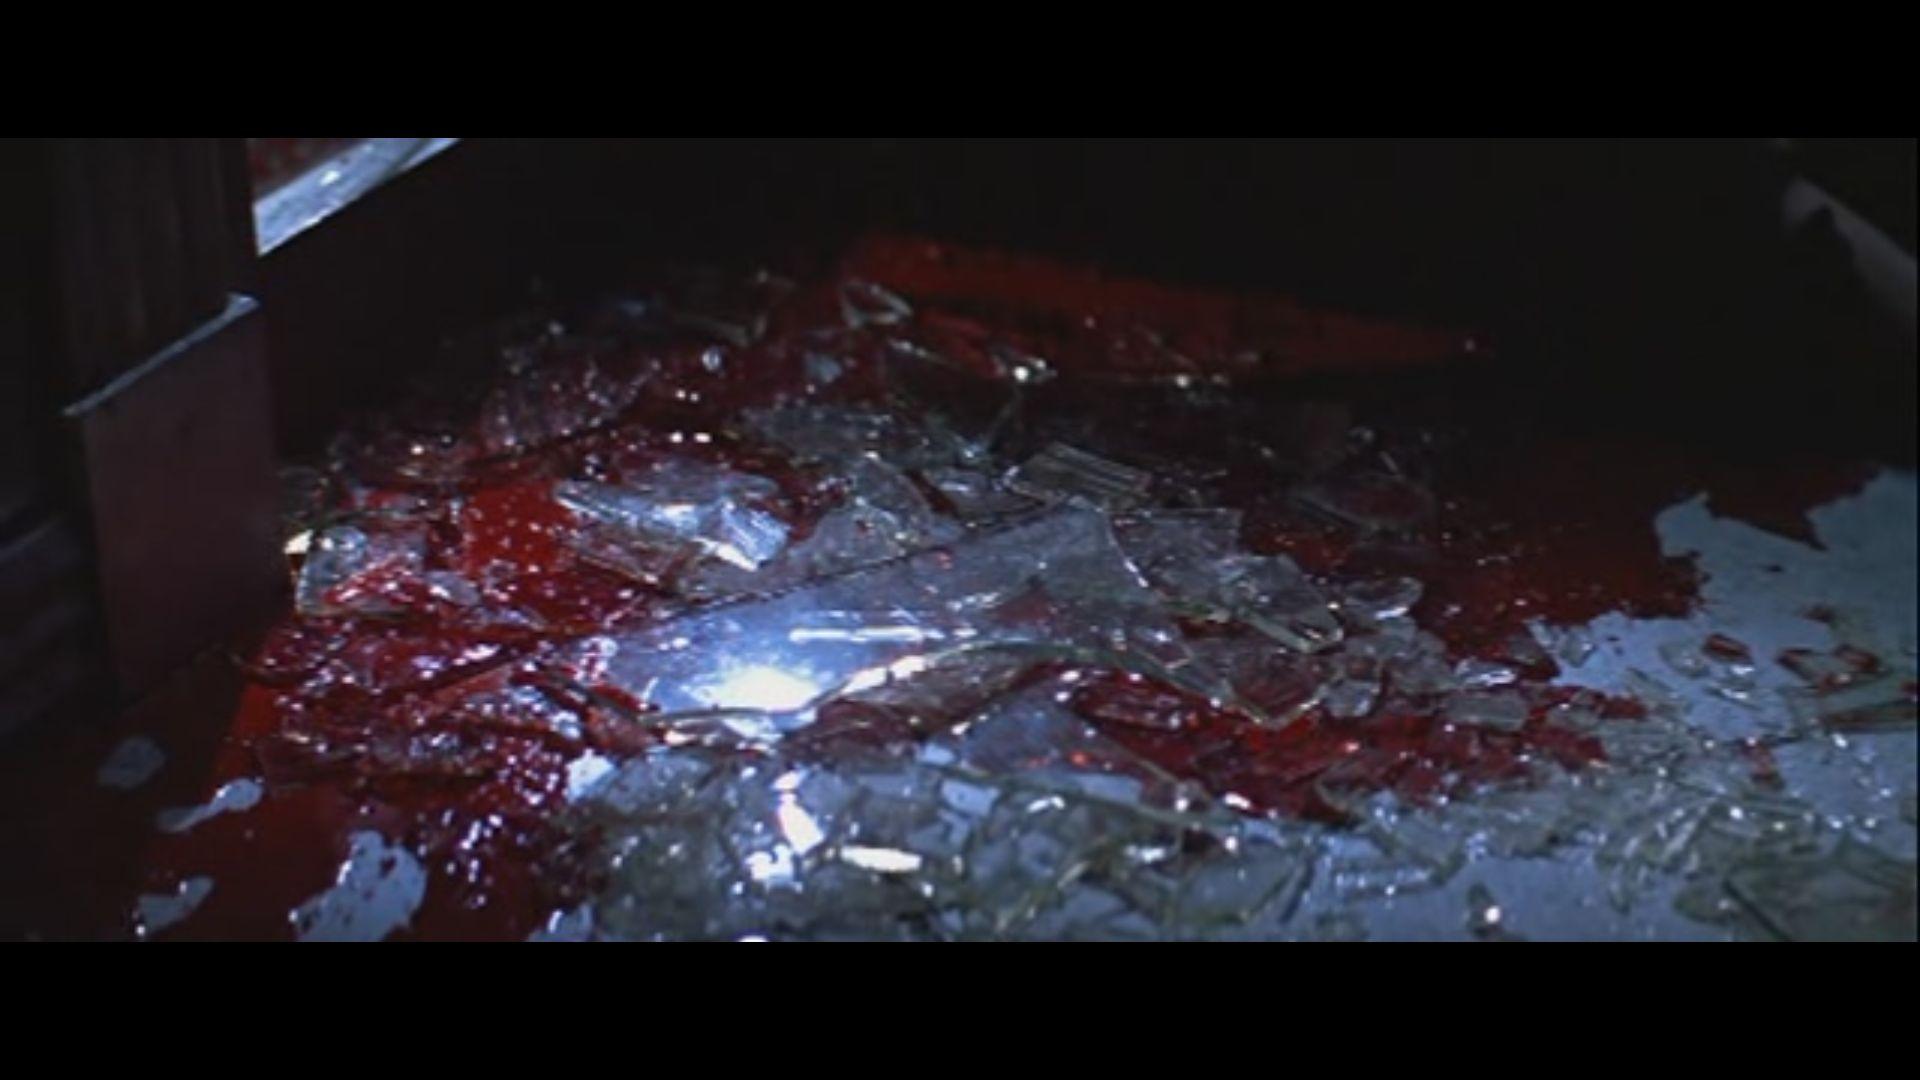 Jan debont pi ge de cristal neuvi me partie l 39 antre for Miroir casse conjurer sort